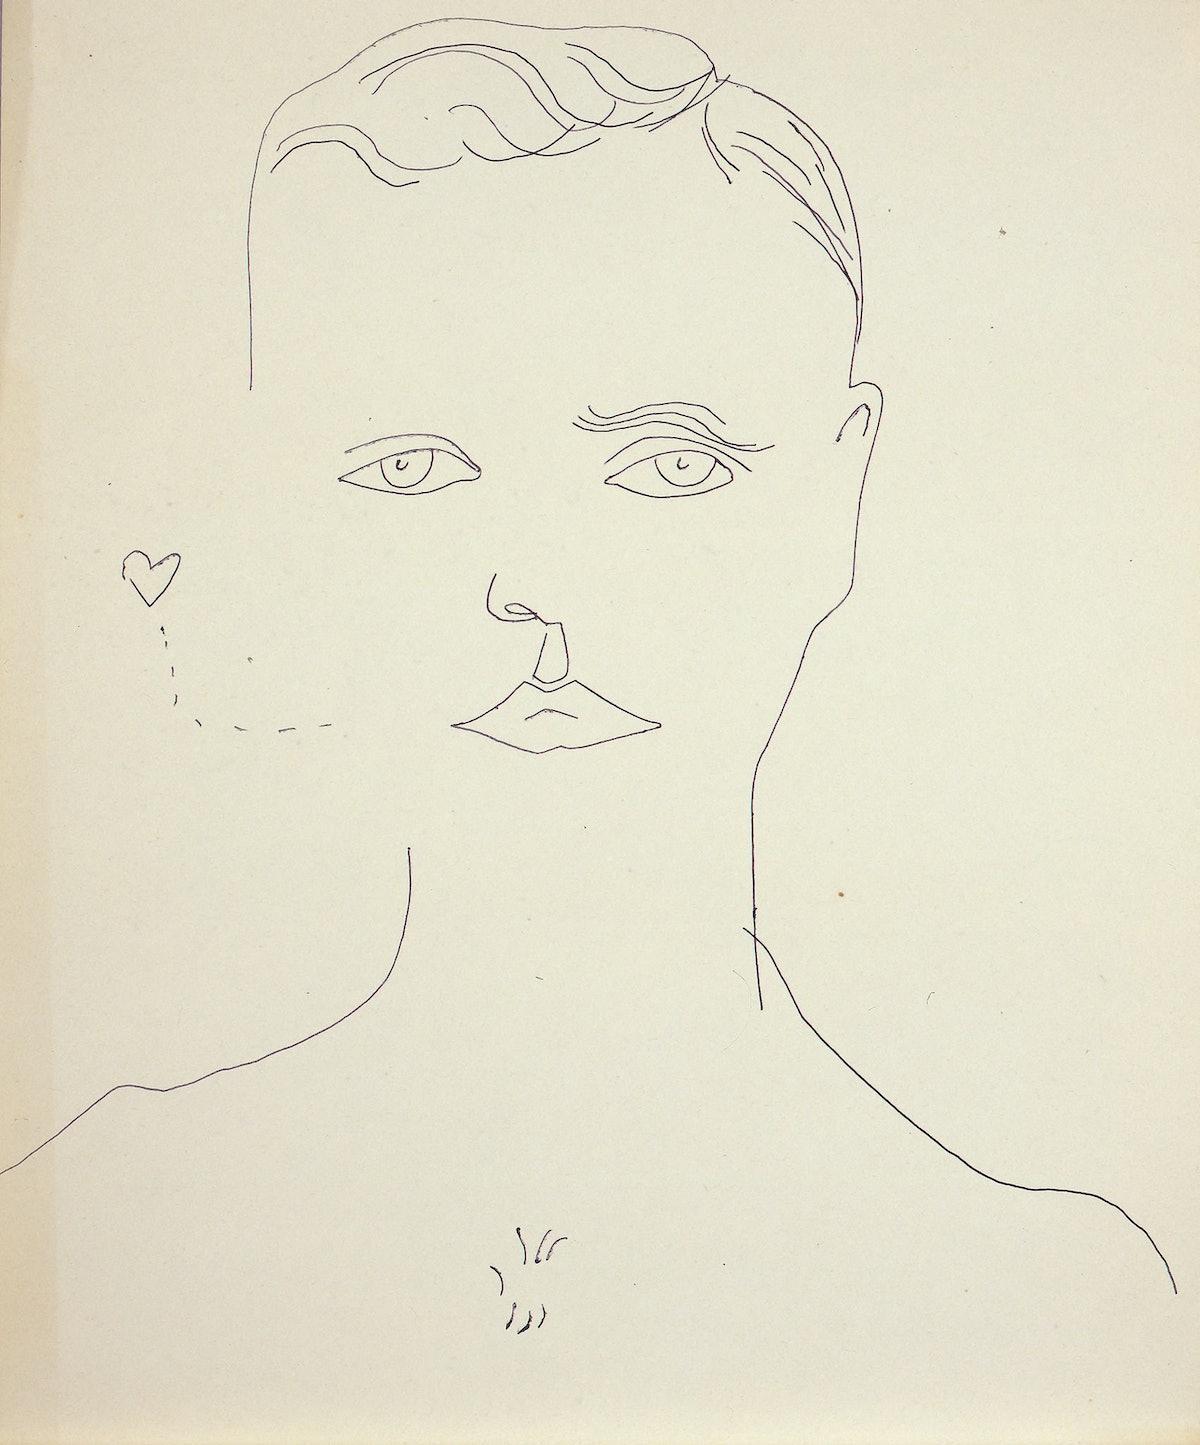 Warhol_Andy_UnidentifiedMale_pk9878.jpg